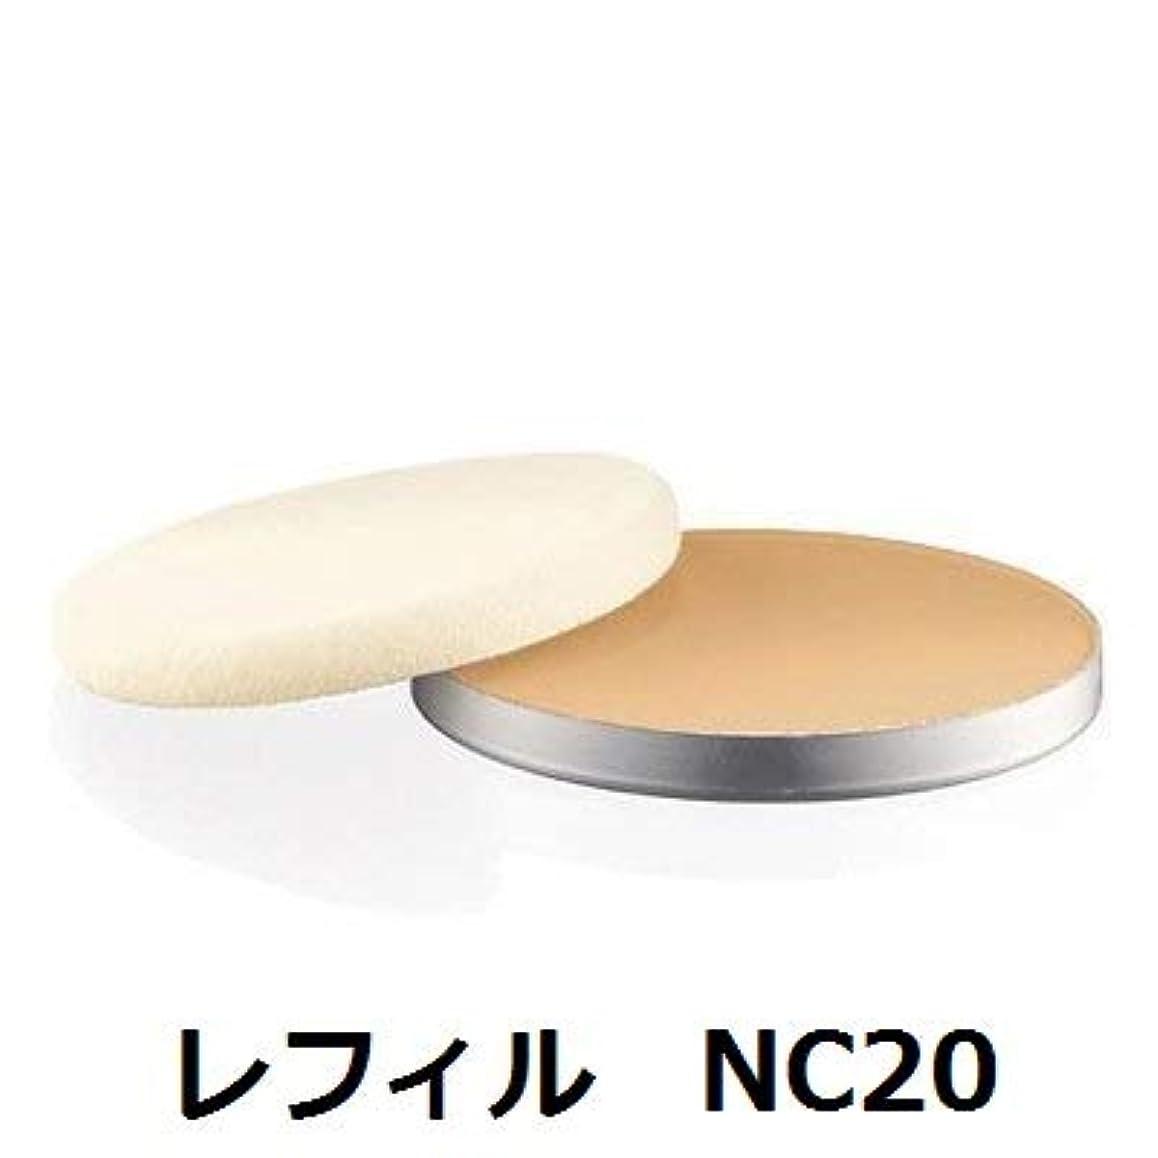 王朝薬理学アラブマック(MAC) ライトフルC+SPF 30ファンデーション レフィル #NC20 14g [並行輸入品]